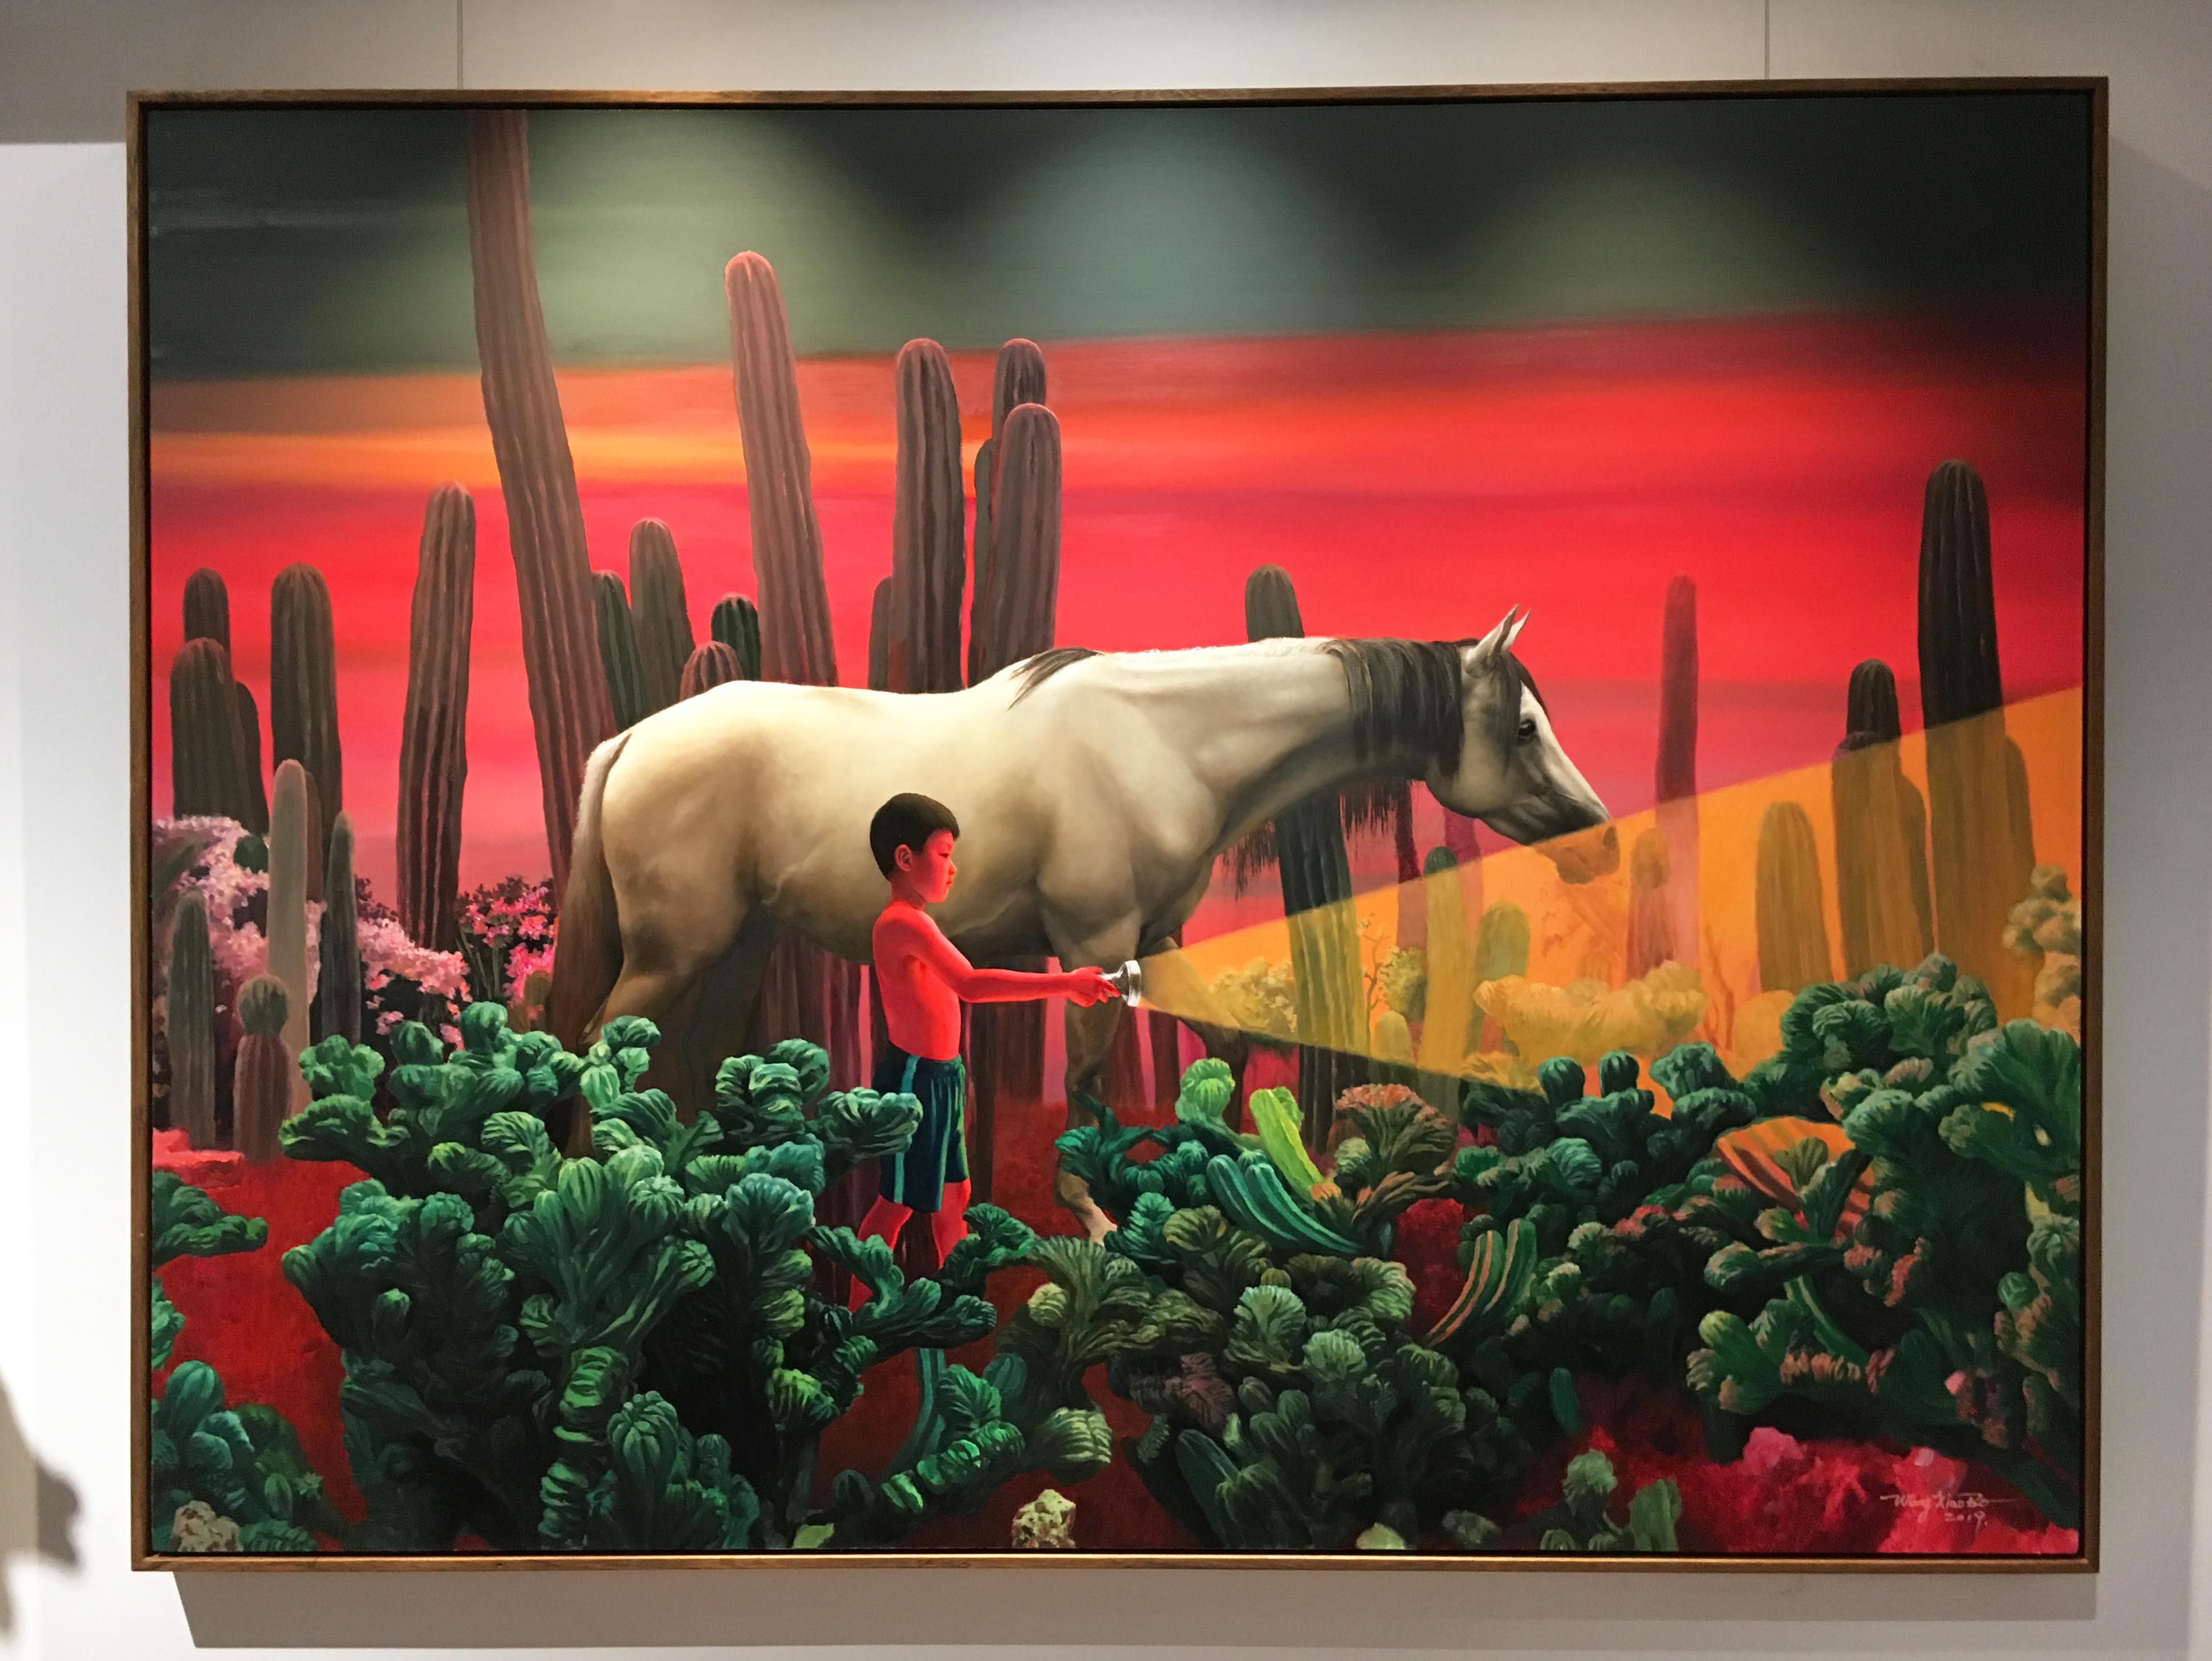 王曉勃,《尋找光明No.55》,150 x 200 cm,布面油畫,2018。